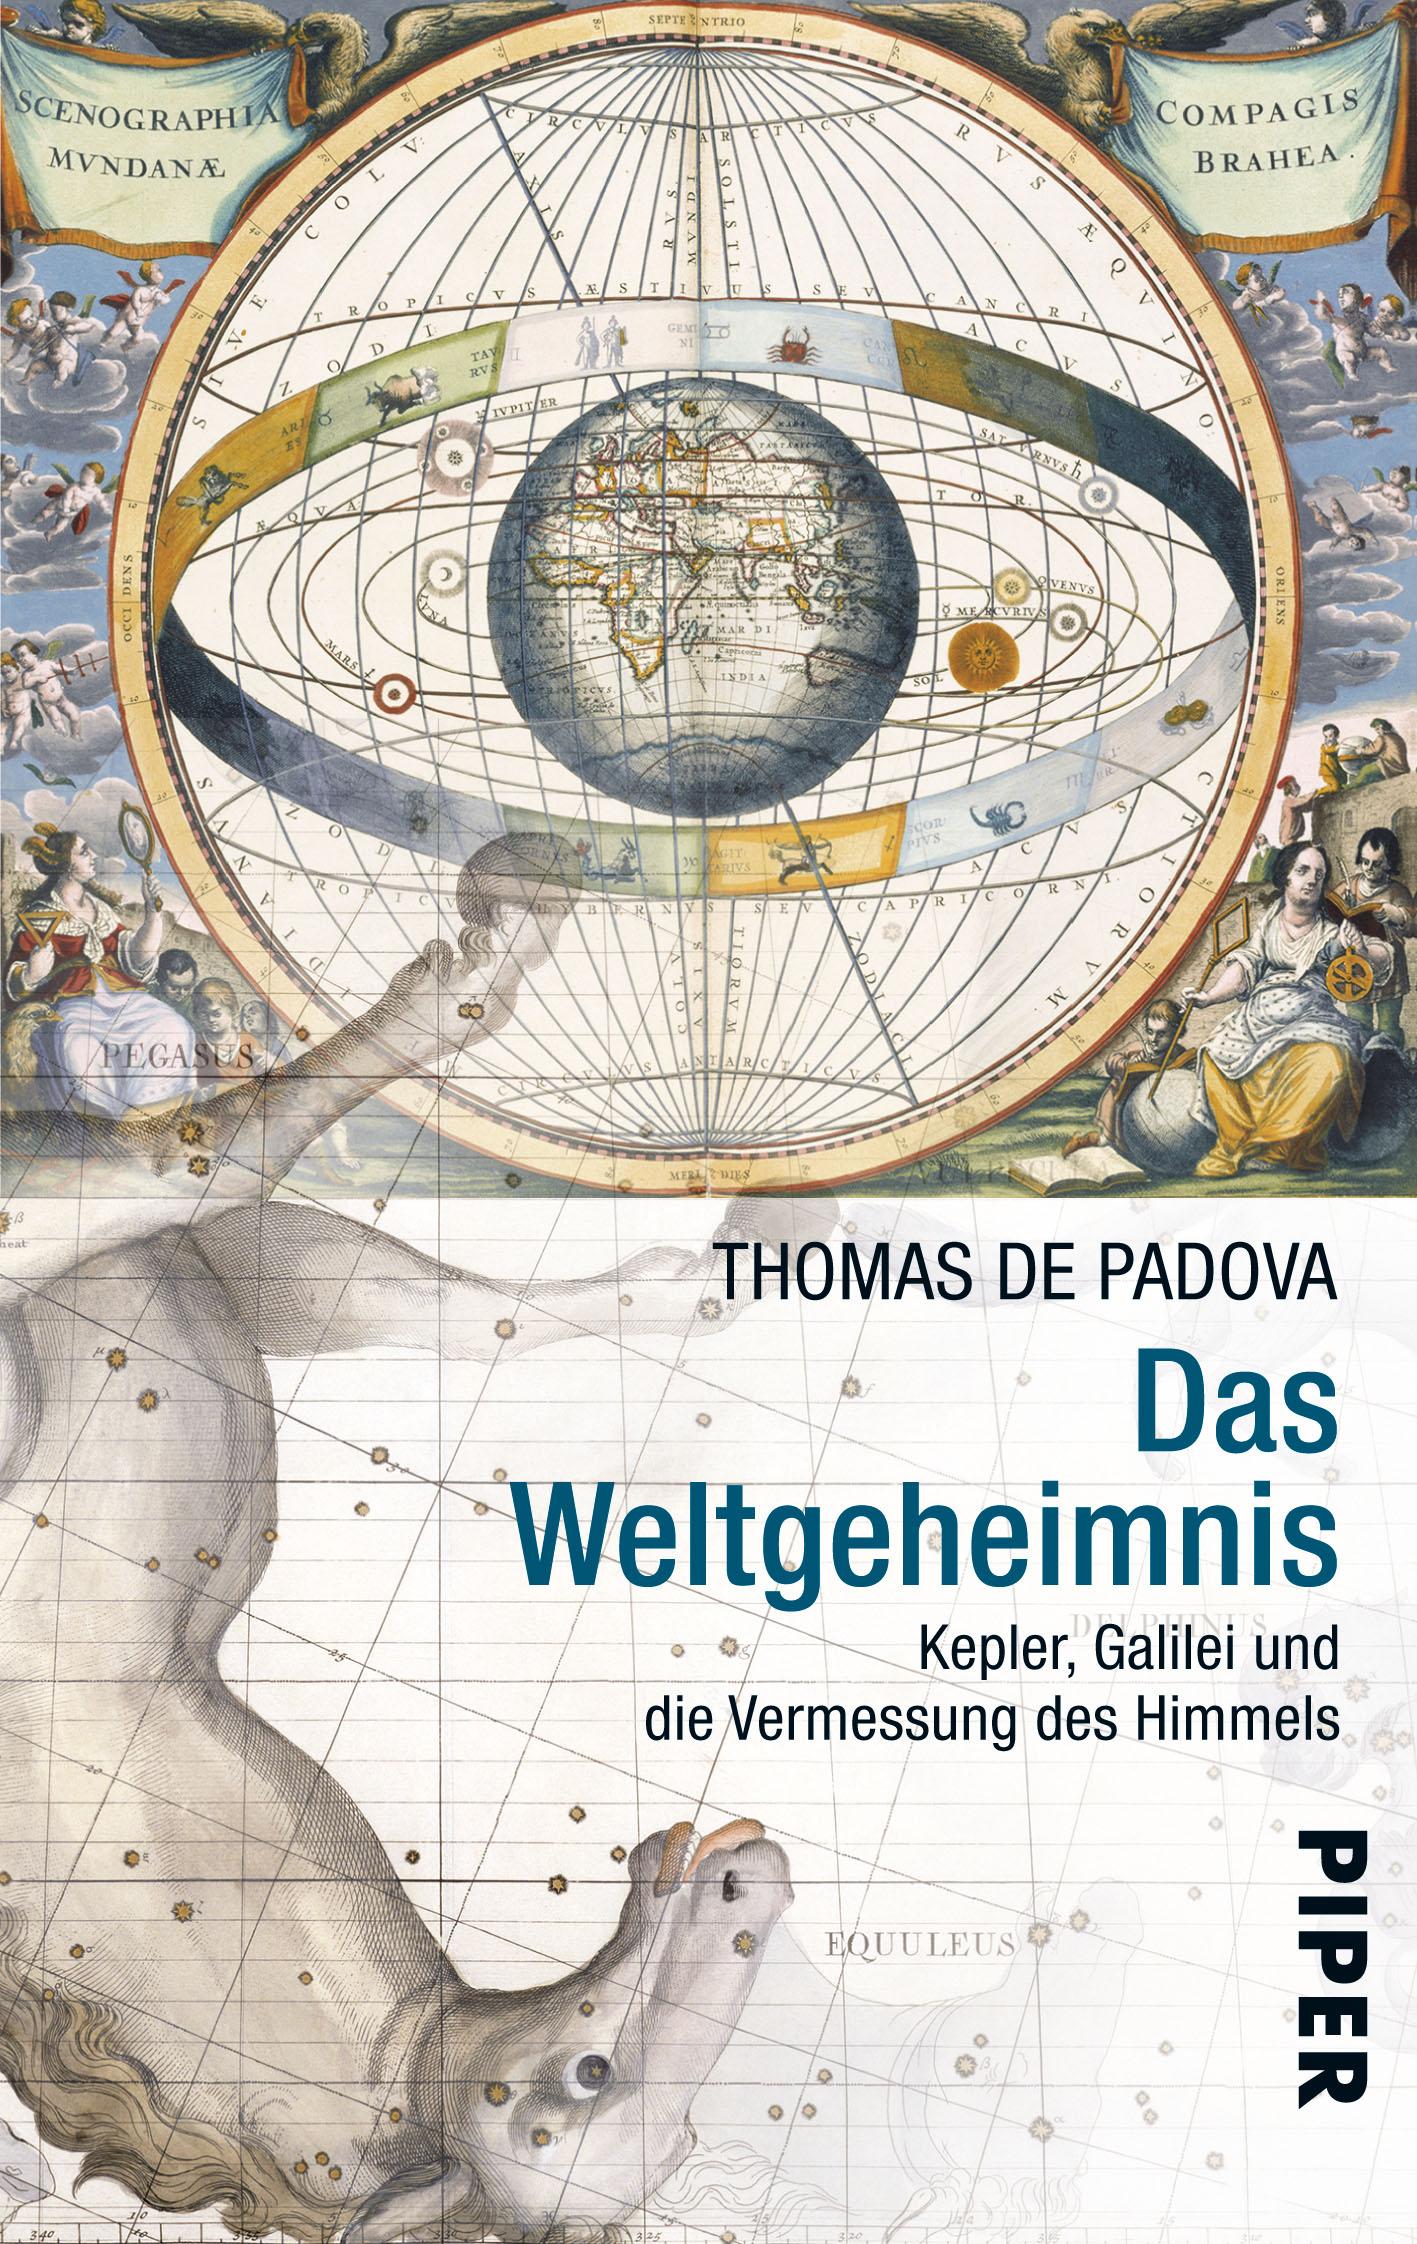 Das Weltgeheimnis: Kepler, Galilei und die Vermessung des Himmels - Thomas De Padova